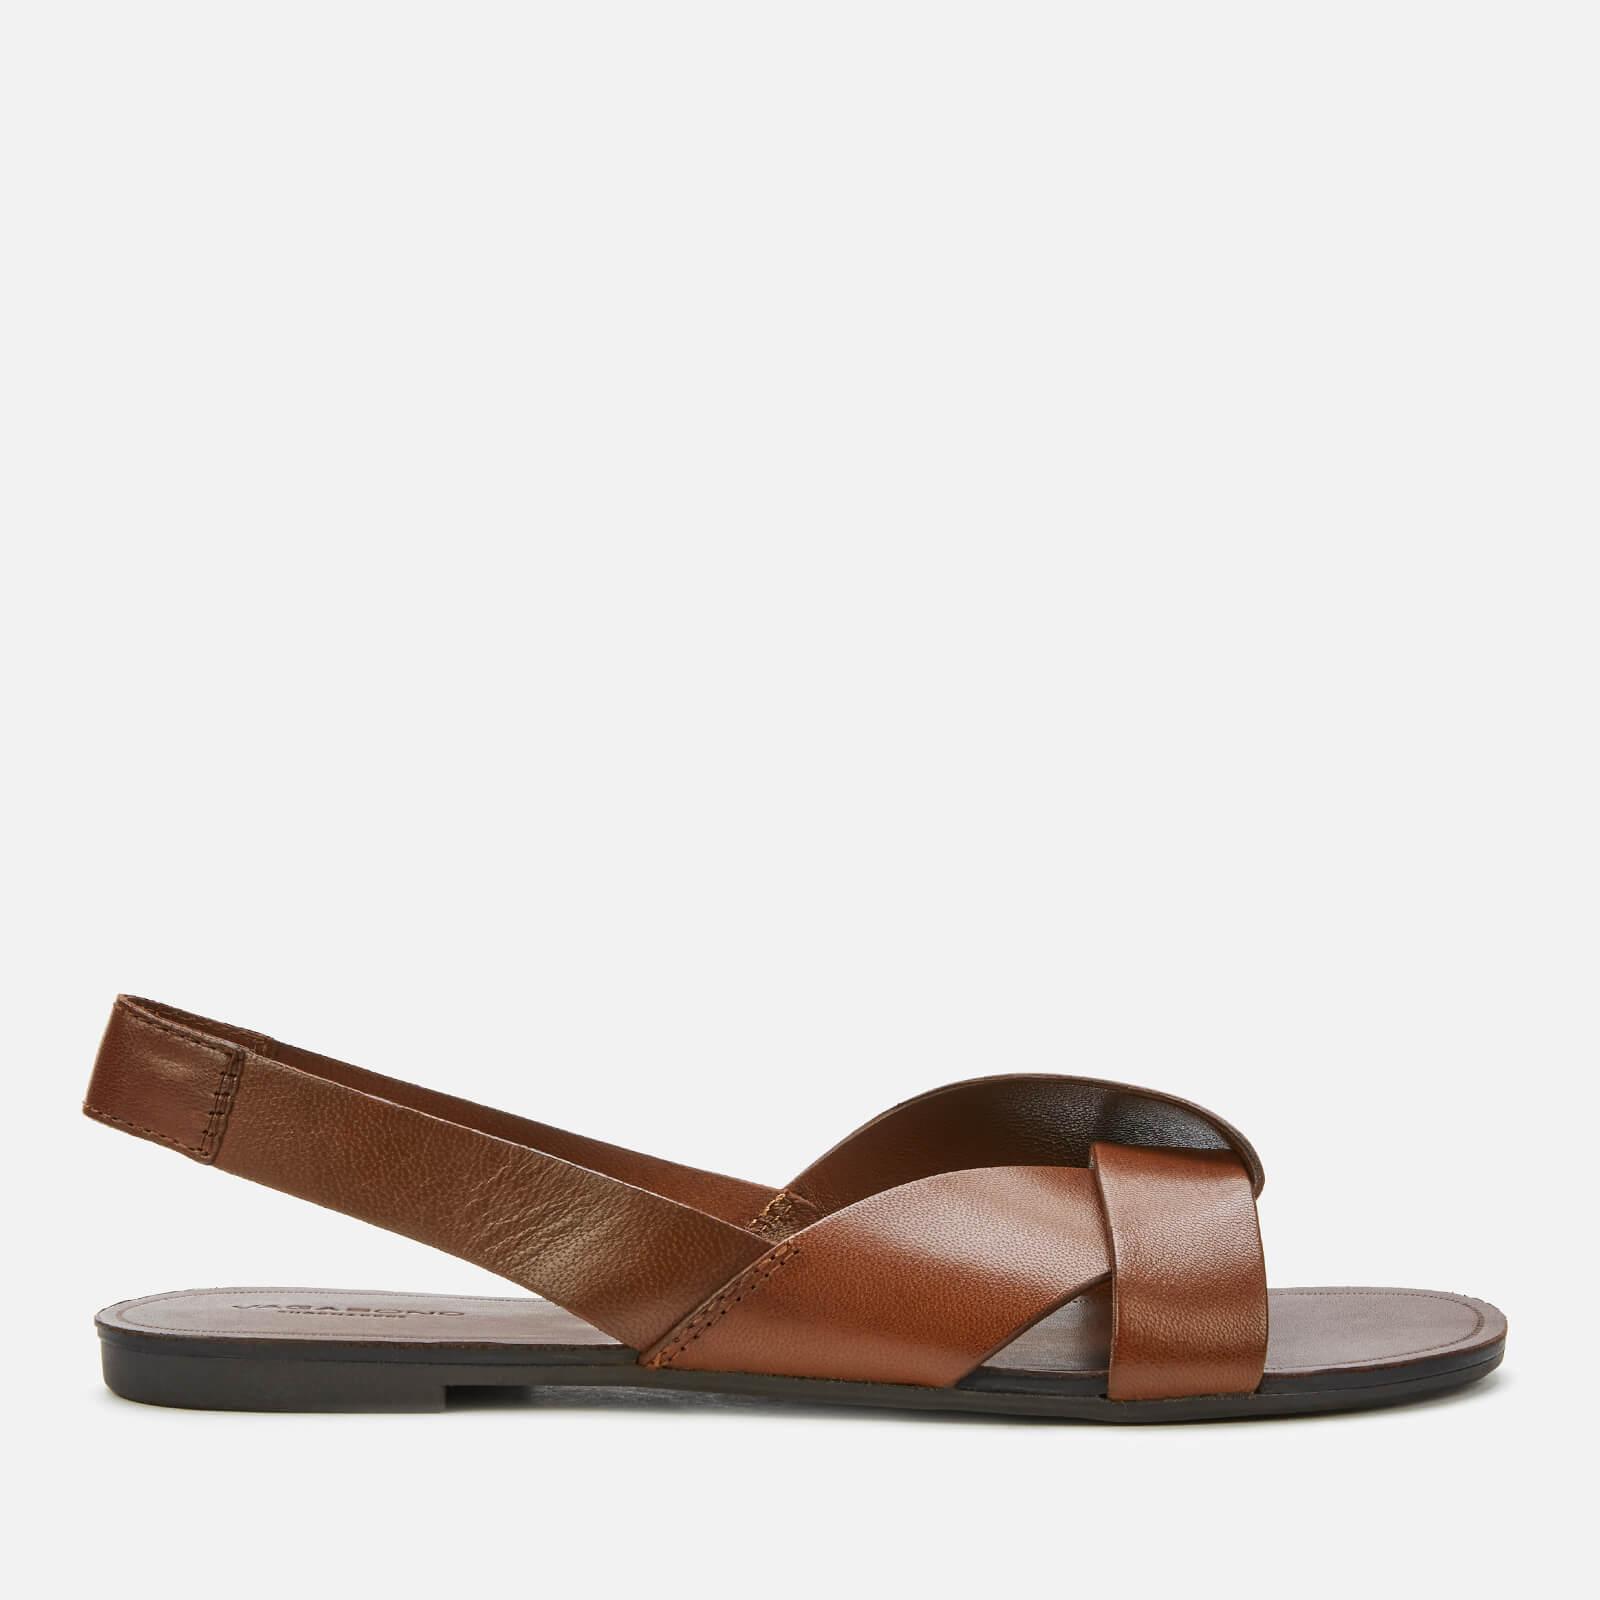 Vagabond Women's Tia Leather Flat Sandals - Cognac - Uk 7